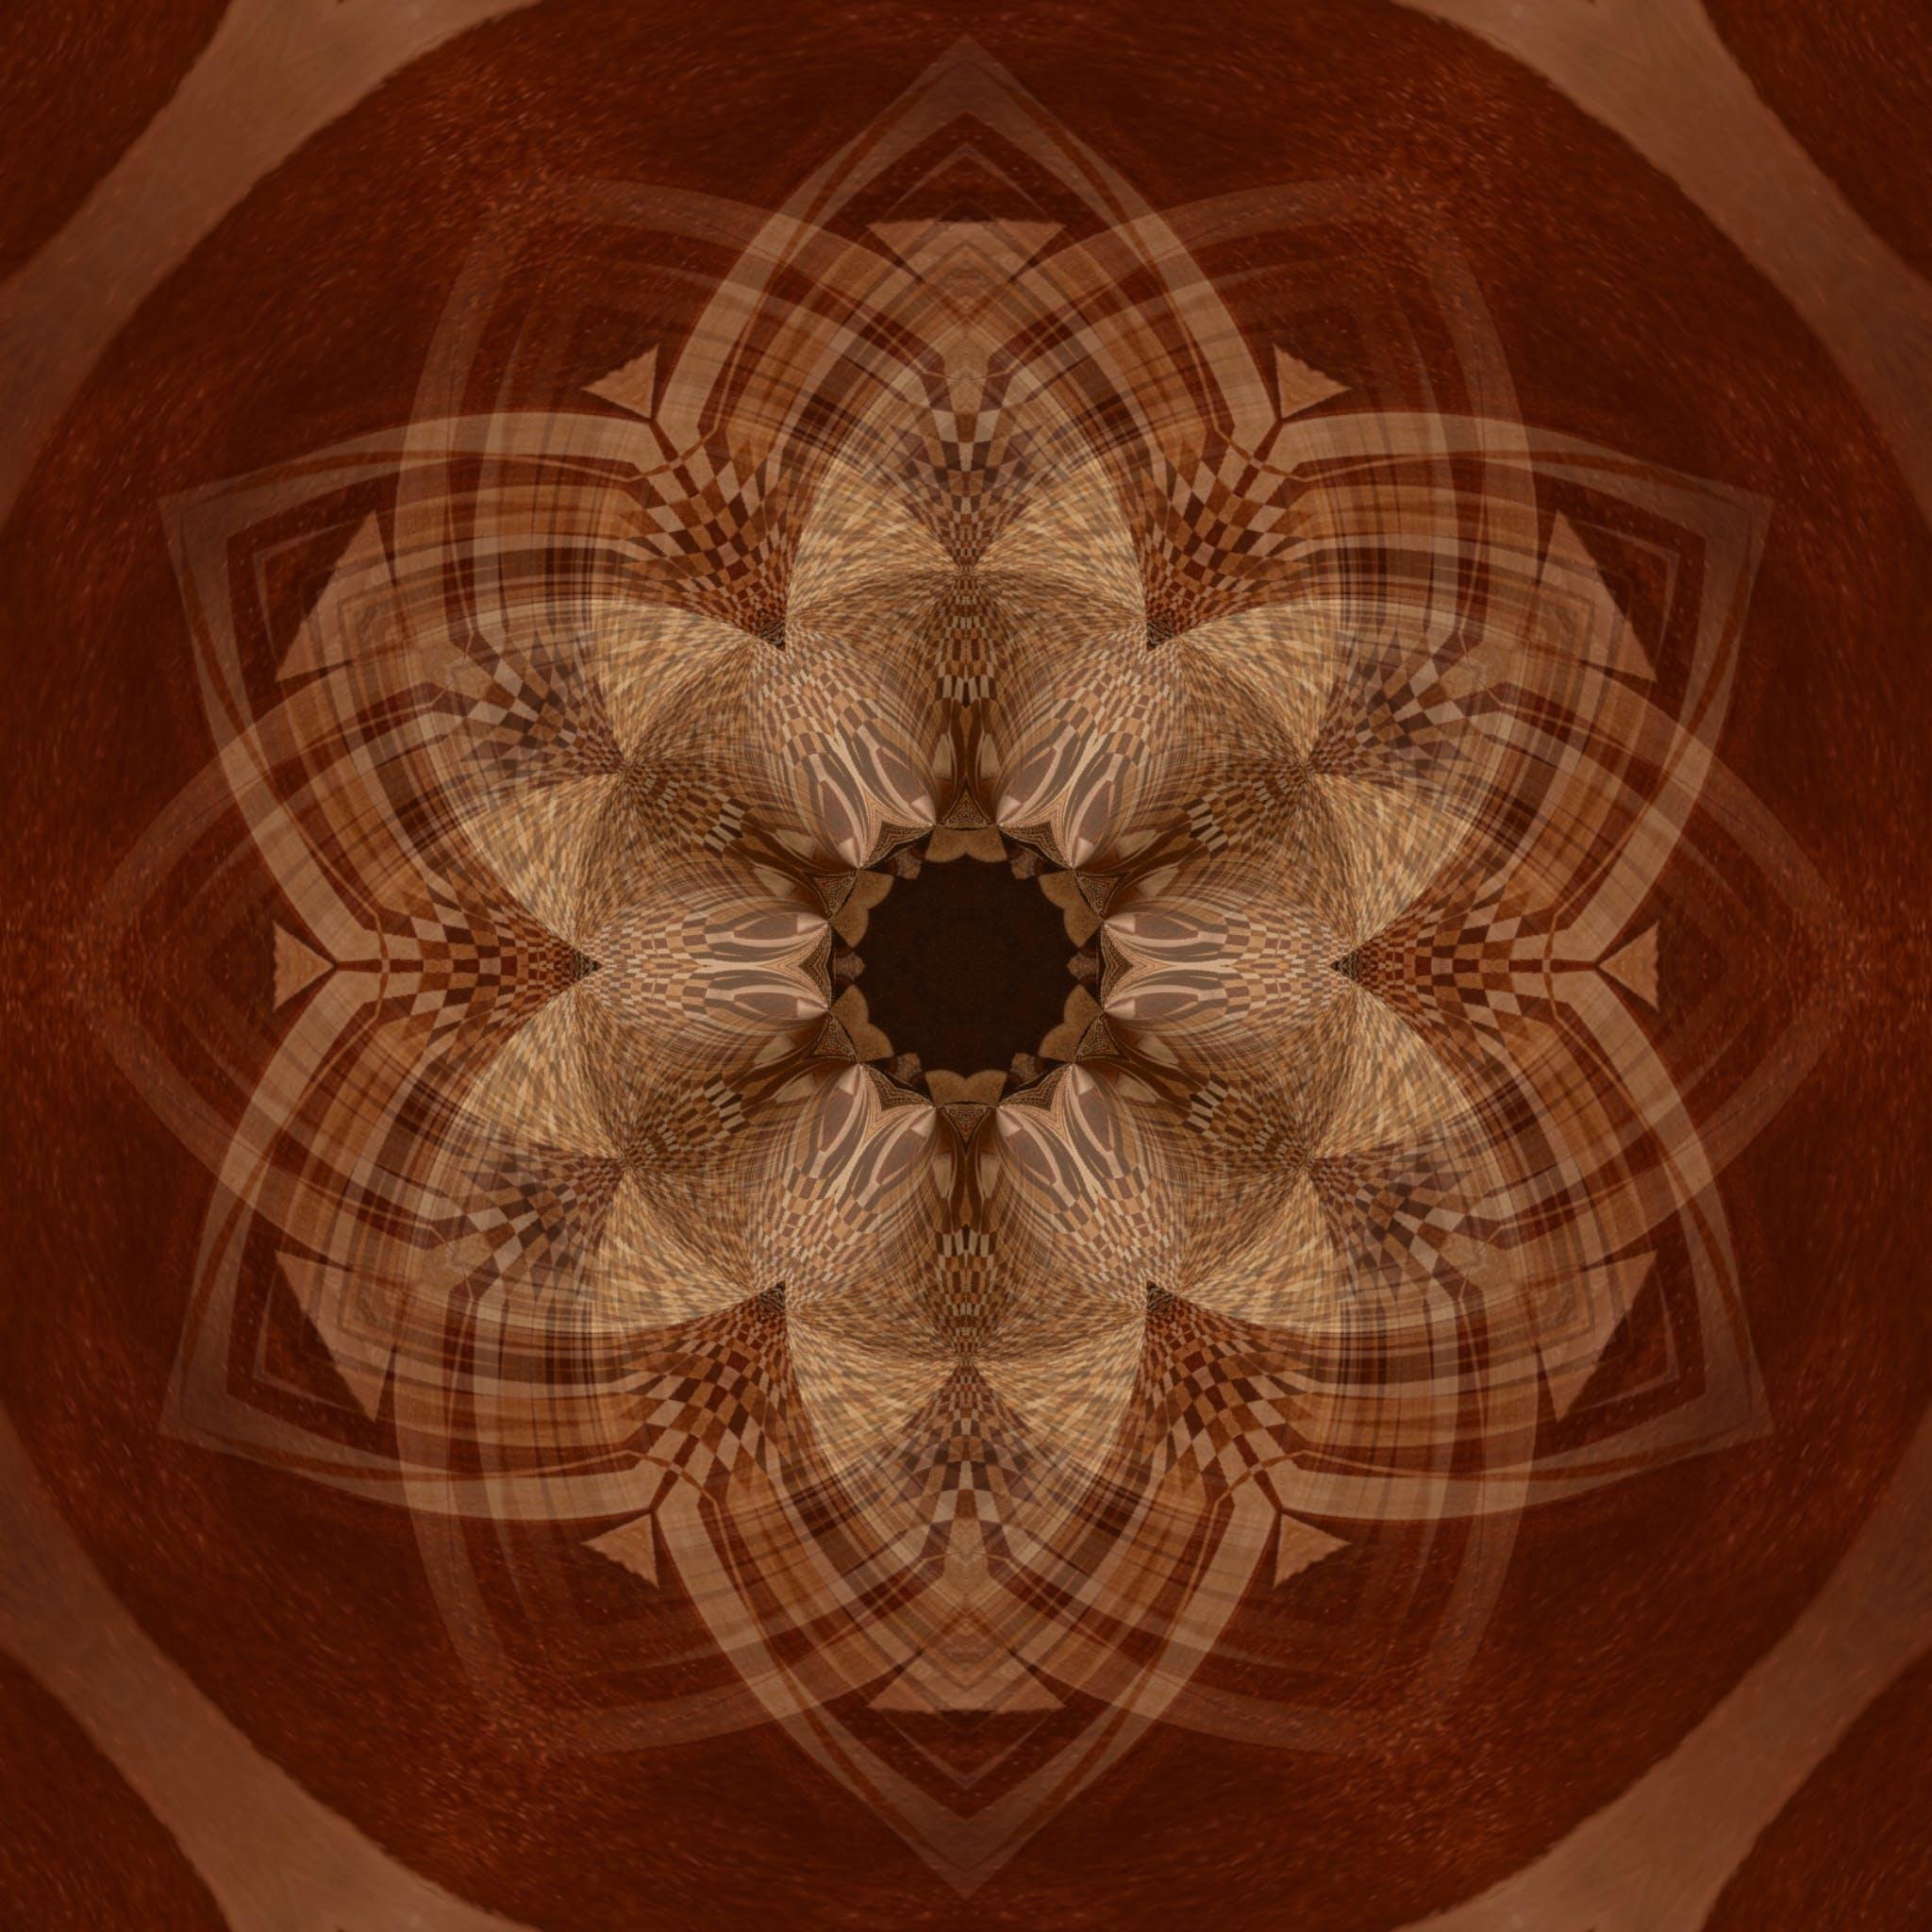 Gratis arkivbilde med brun, dekorasjon, design, fokus